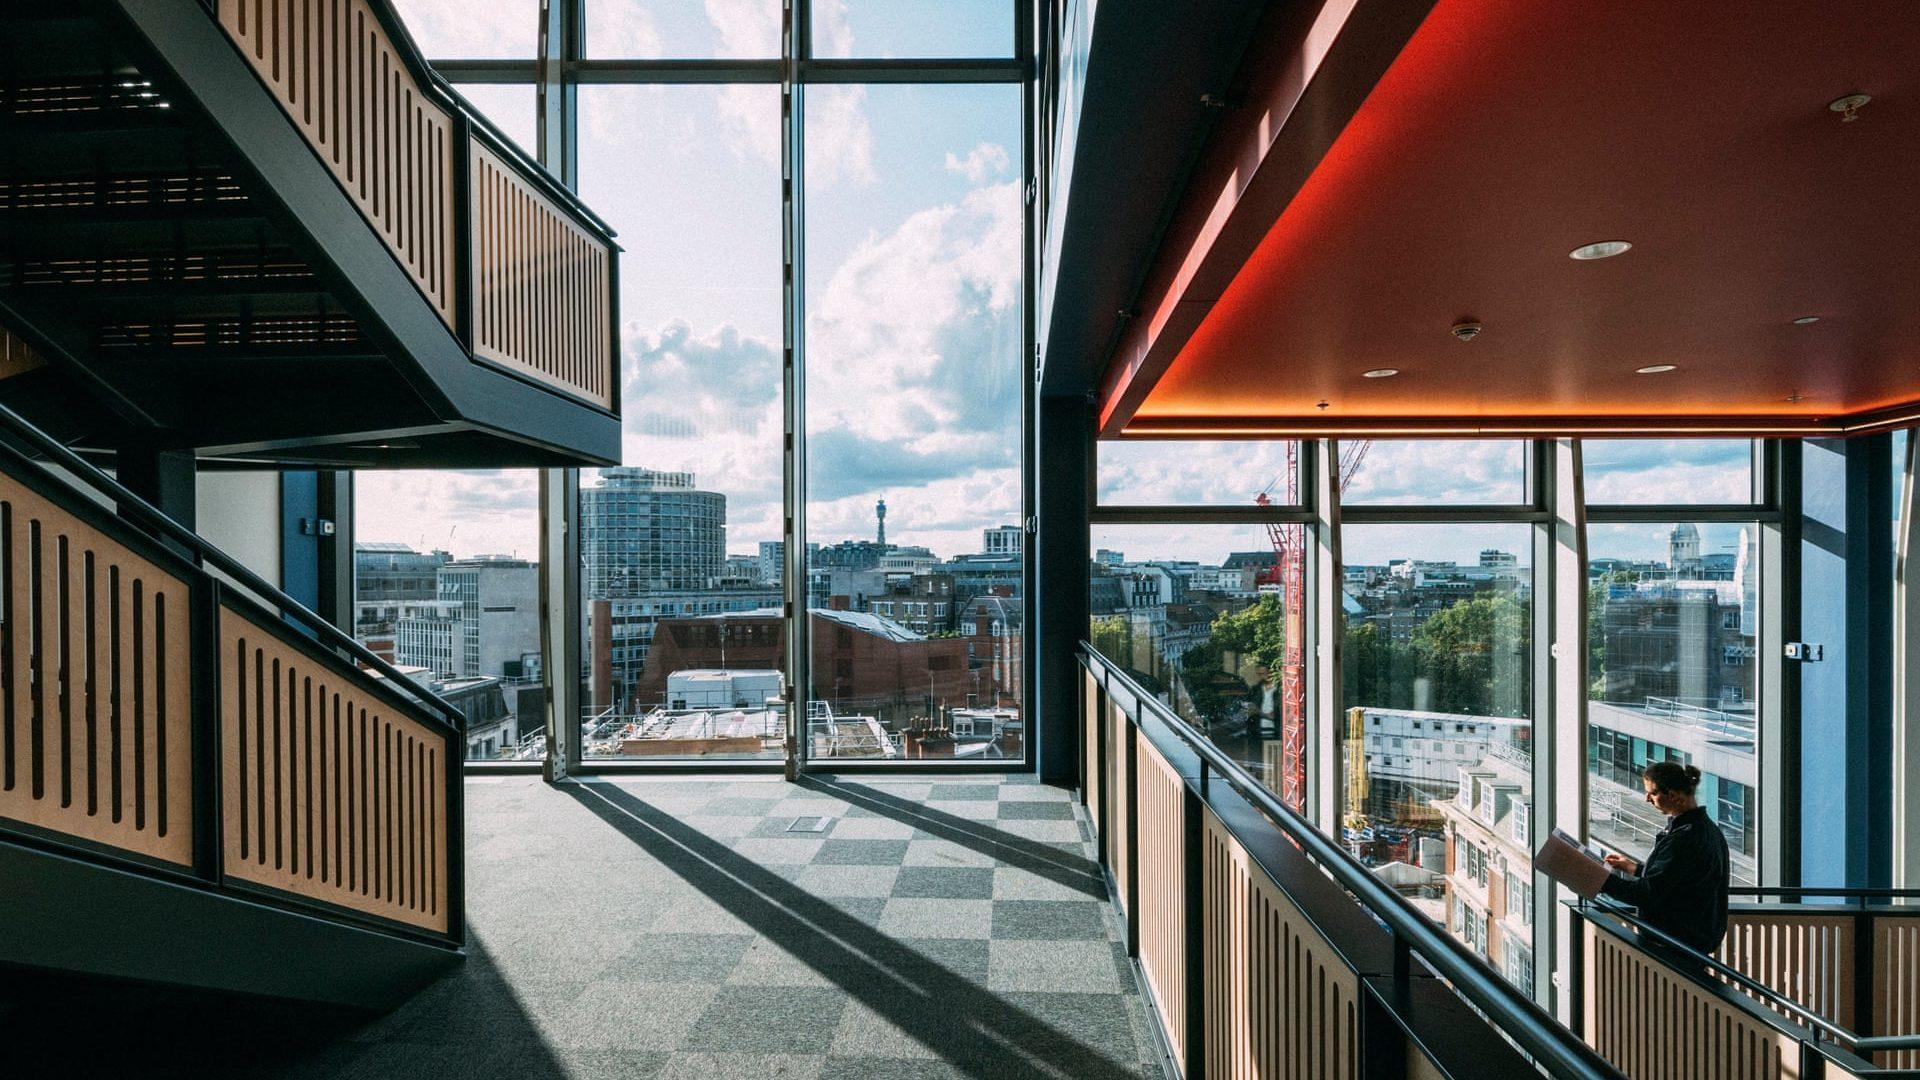 LSE's new Centre Building